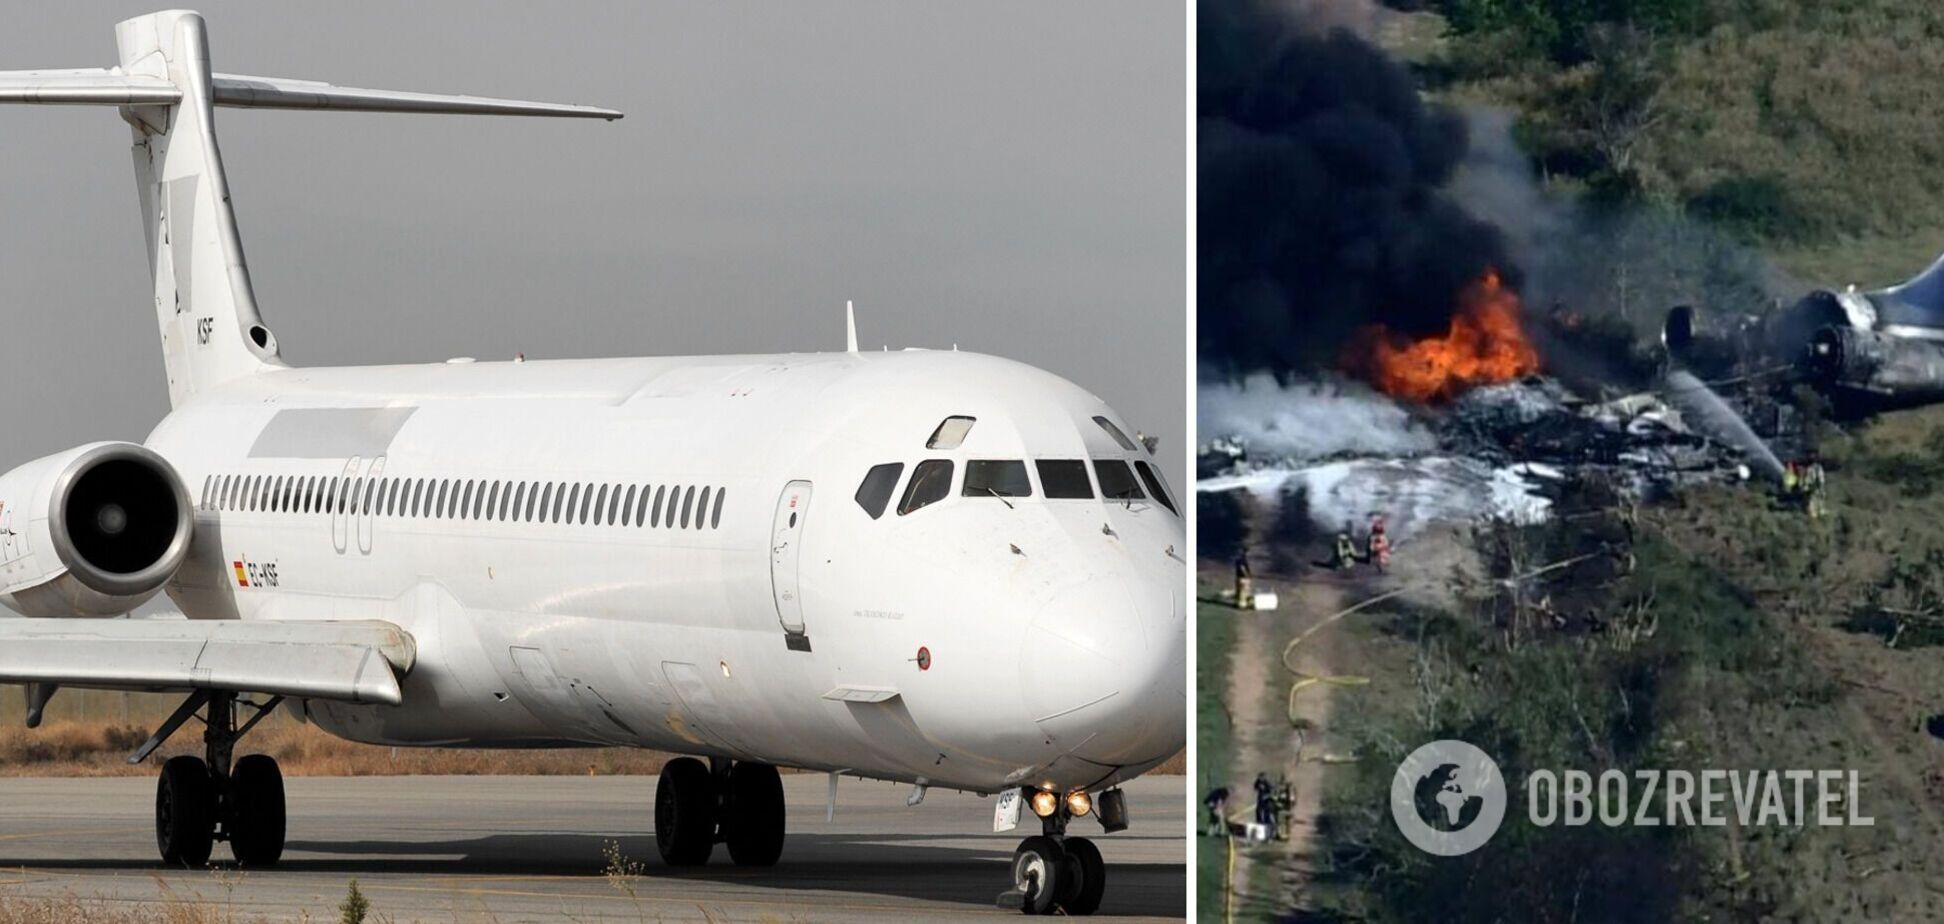 У США розбився пасажирський літак: кадри з місця катастрофи. Фото й відео